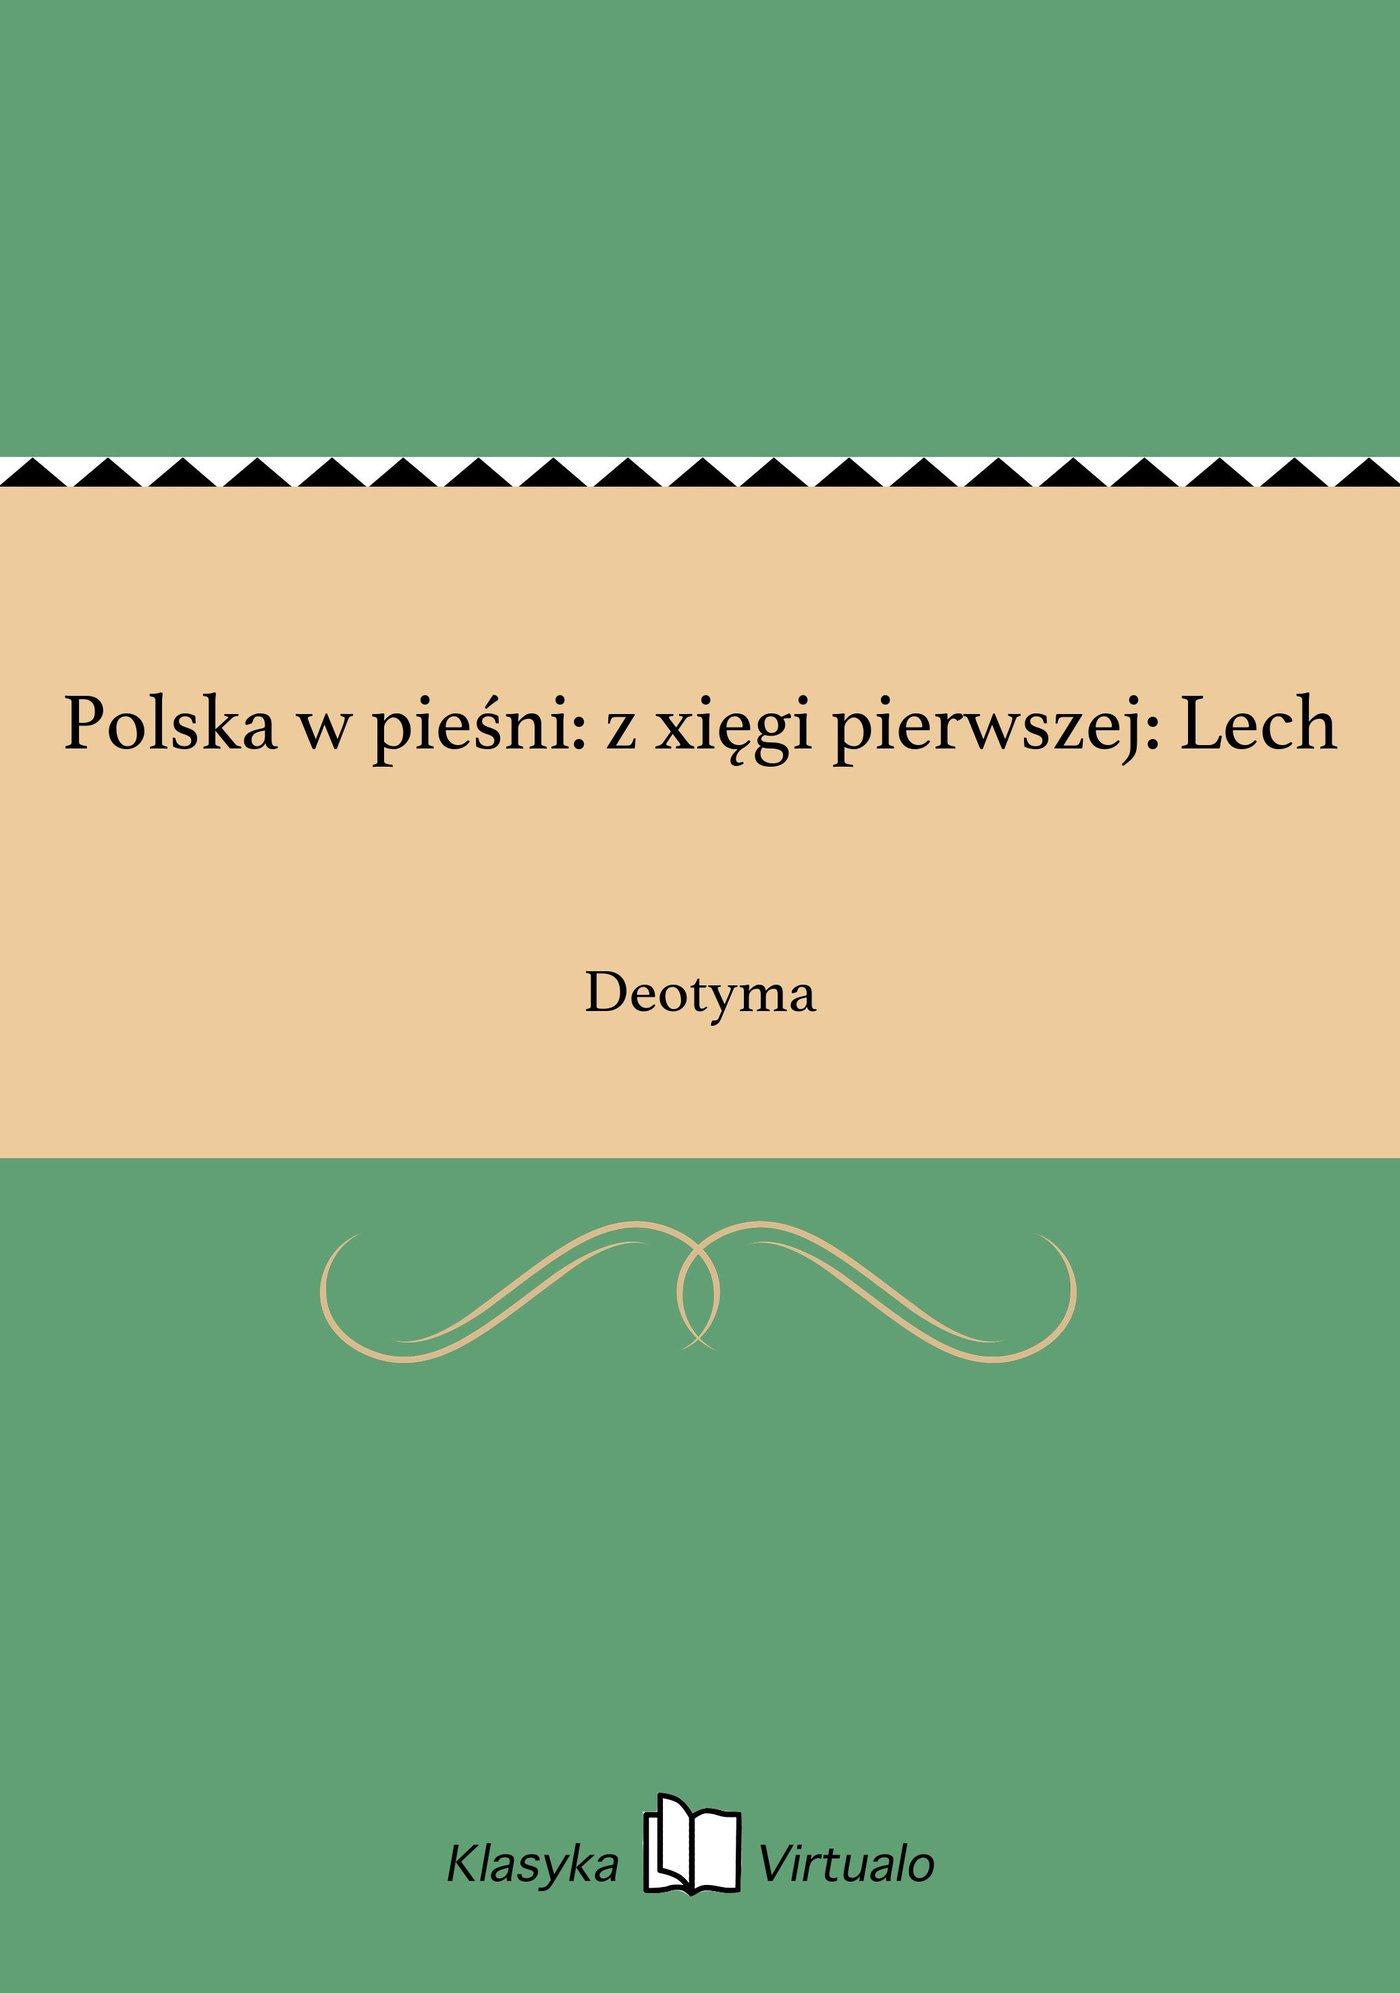 Polska w pieśni: z xięgi pierwszej: Lech - Ebook (Książka EPUB) do pobrania w formacie EPUB